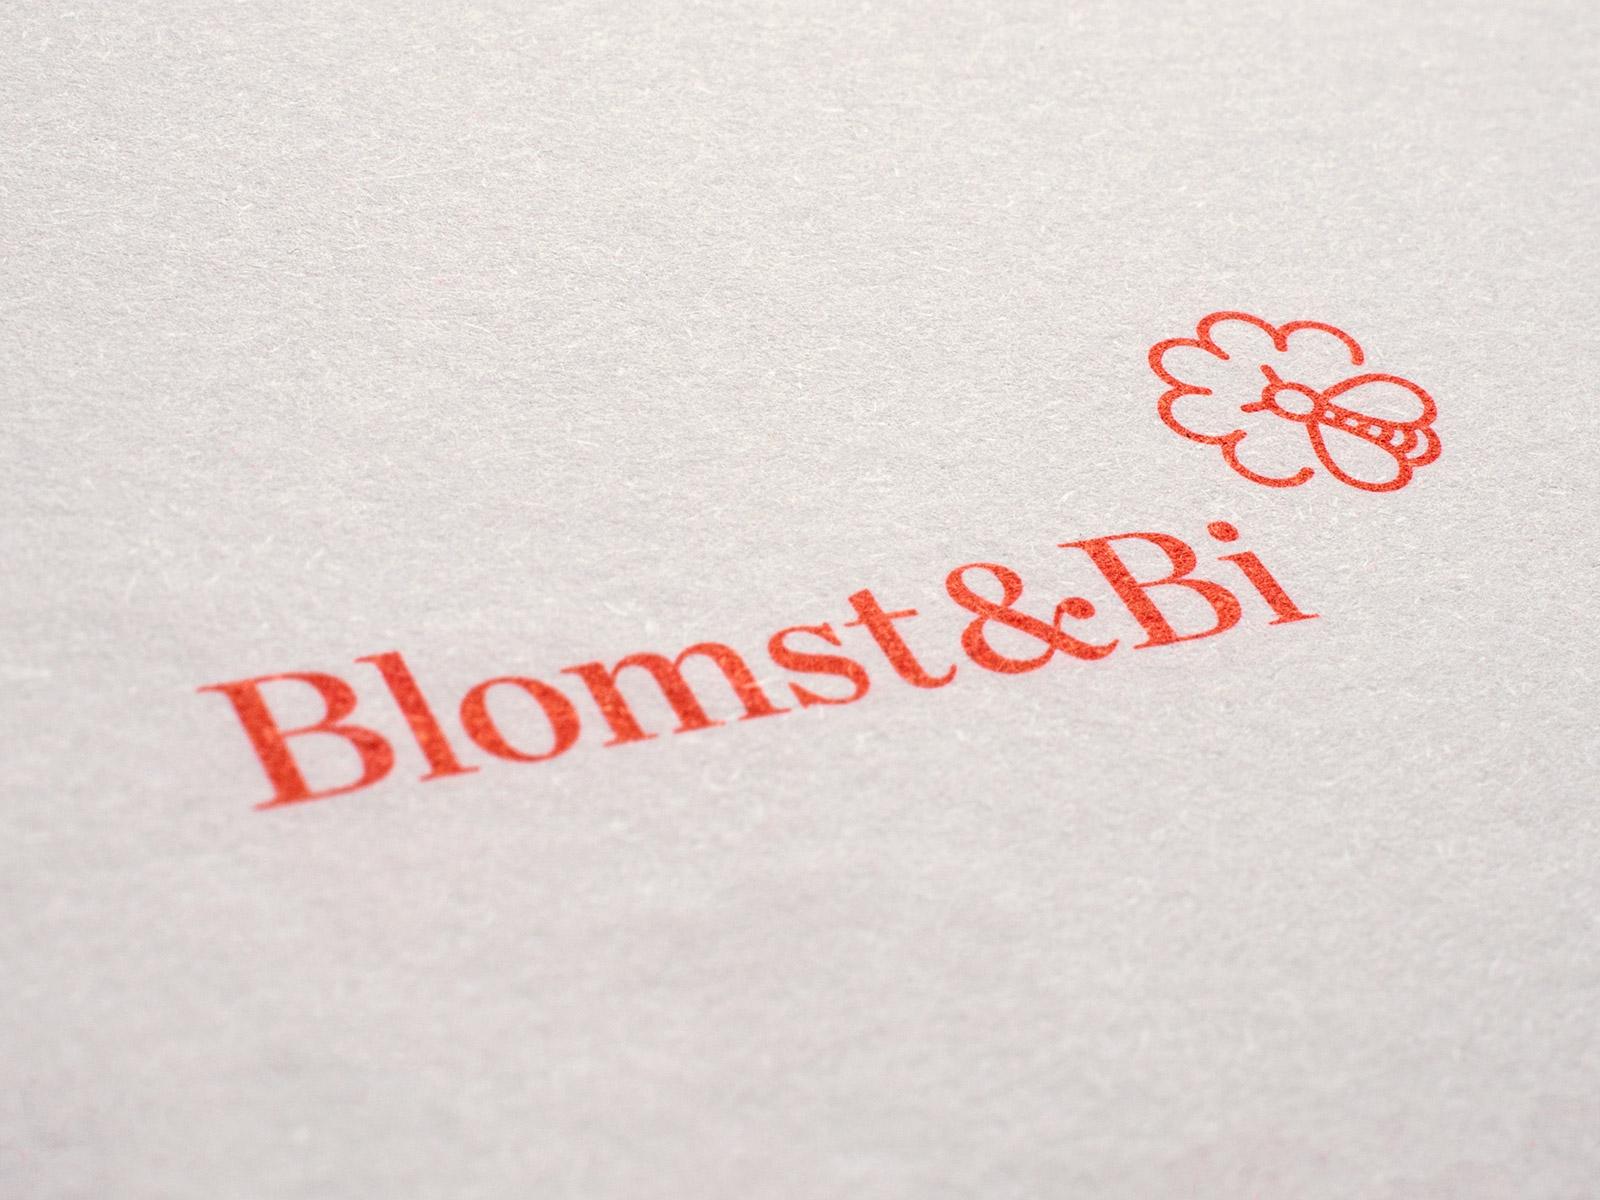 blomstbi_03